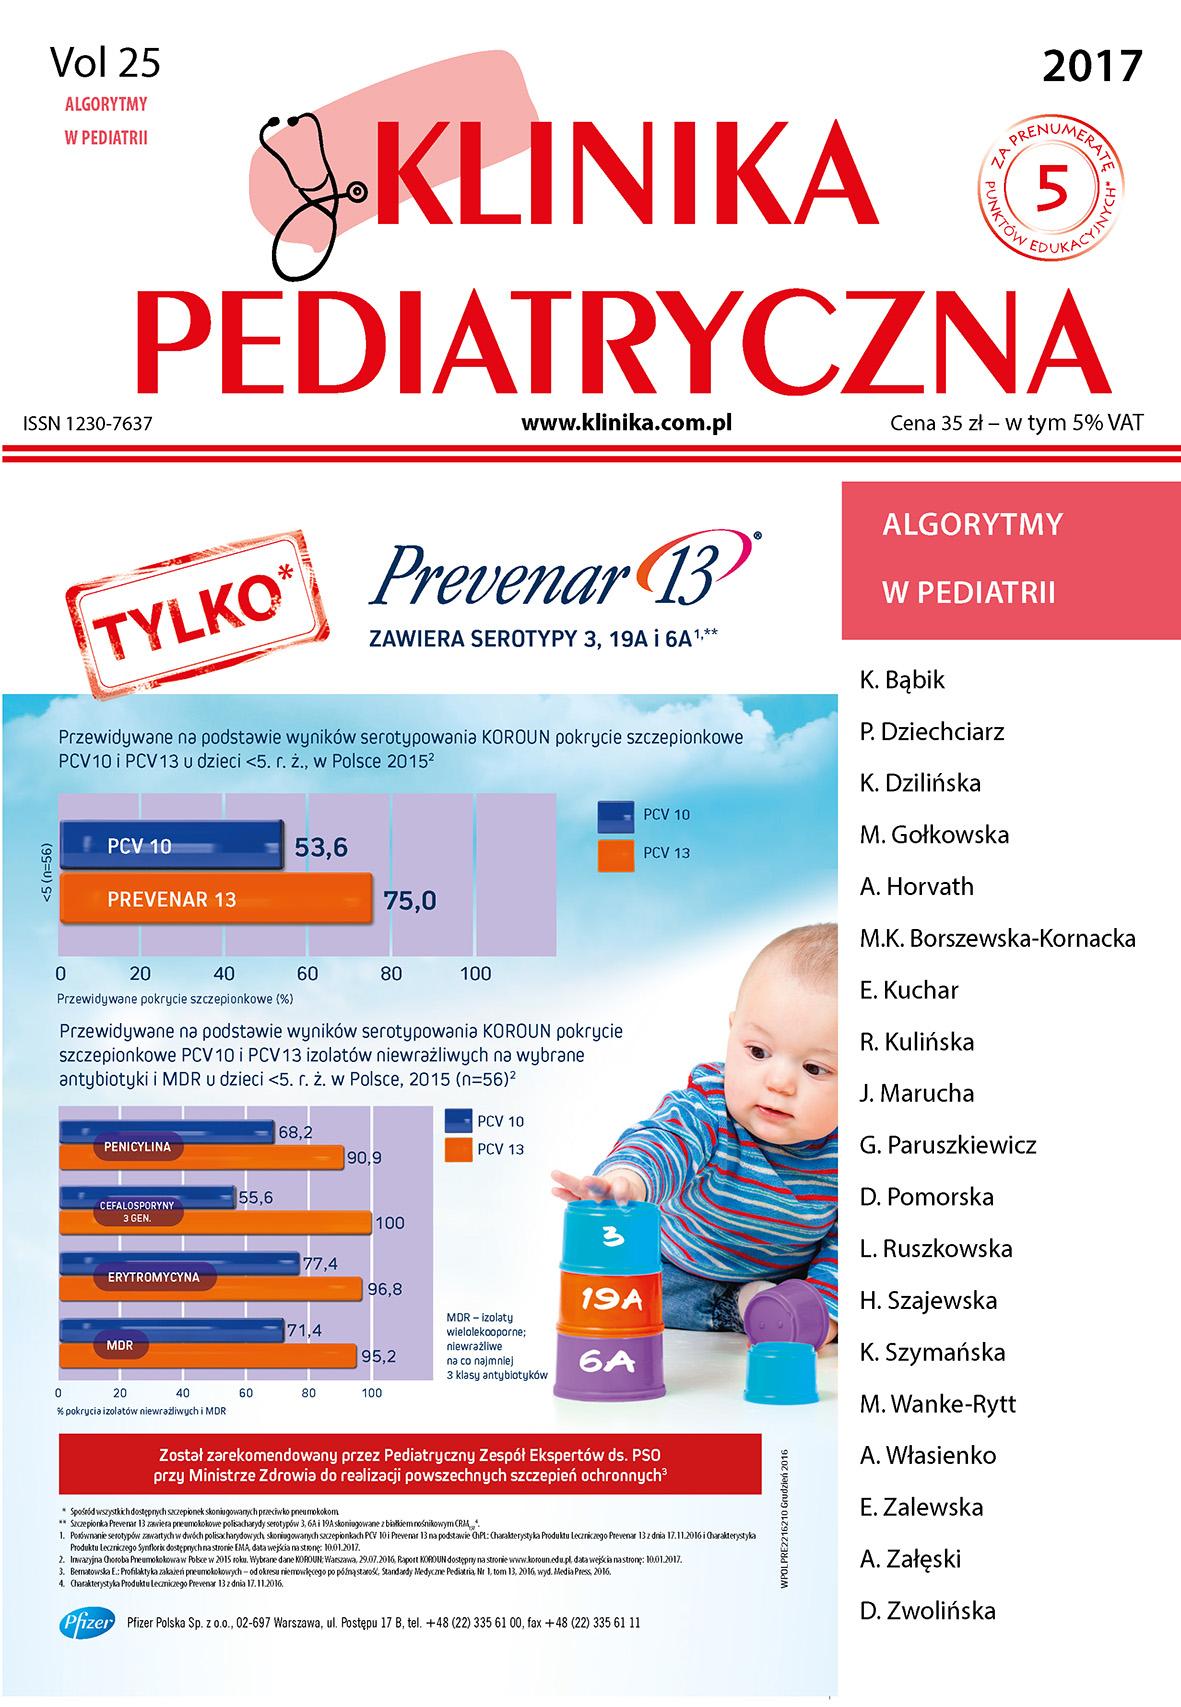 KP 2017 - Numer Specjalny - Algorytmy w Pediatrii